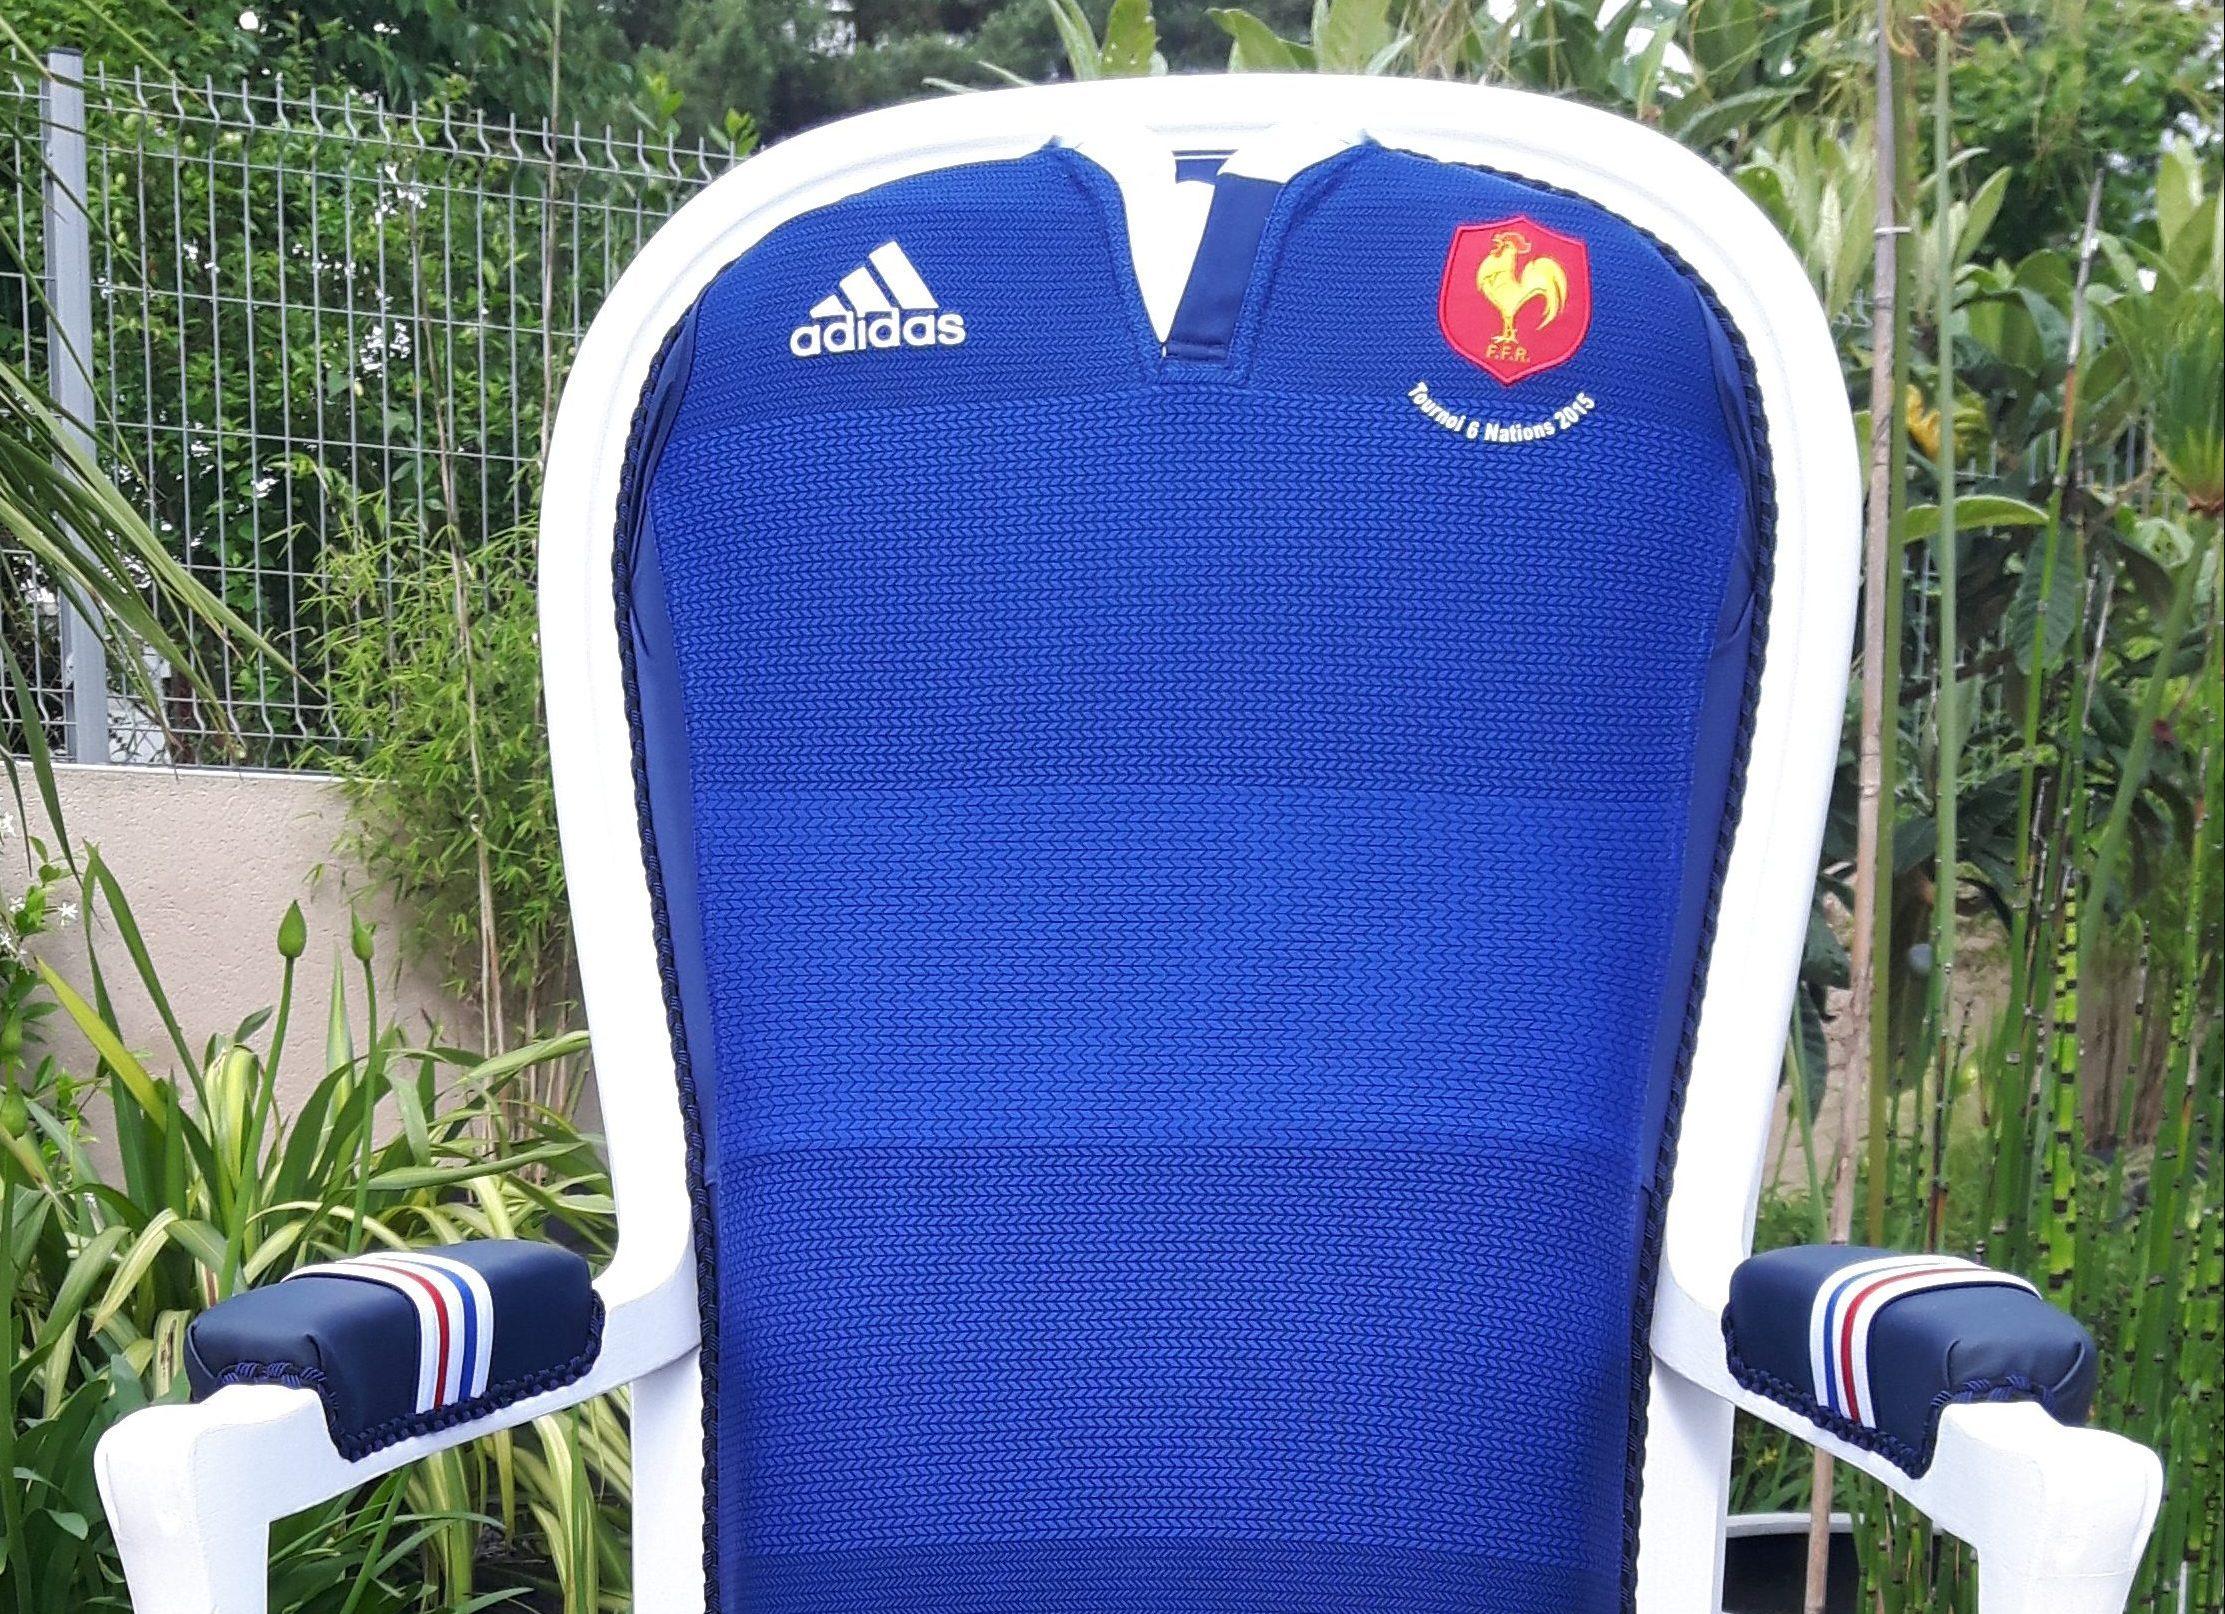 Relooker Un Fauteuil Voltaire fauteuil voltaire/ maillot rugby/ equipe de france/bordeaux